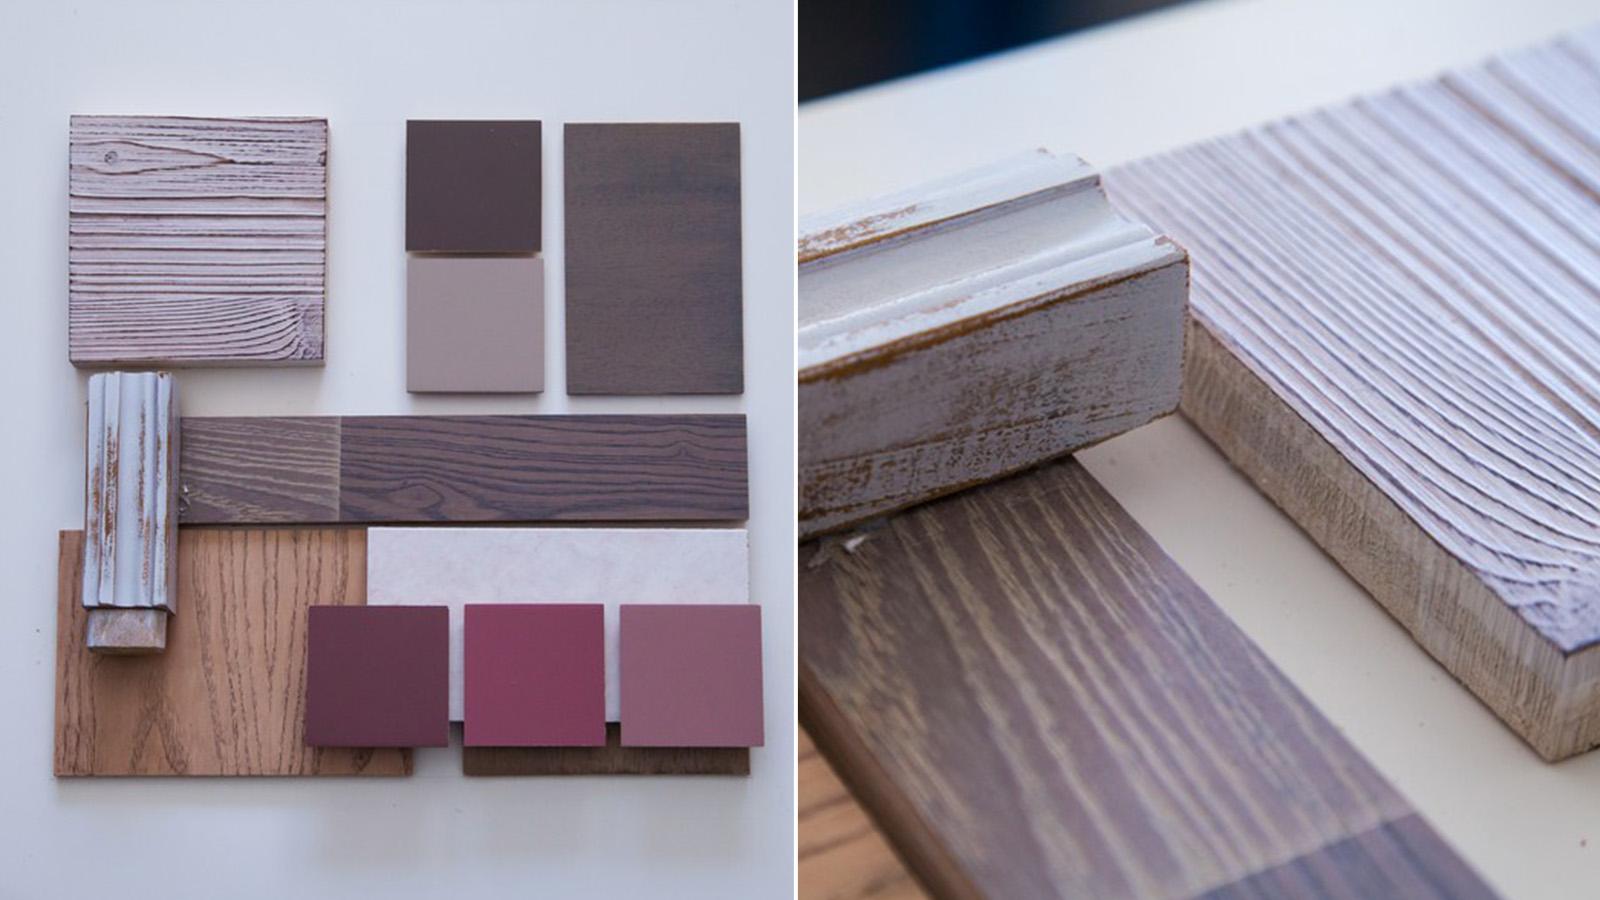 consulenza-e-ricerca-colore-materiali-finiture-bigliotti-vernici-magenta